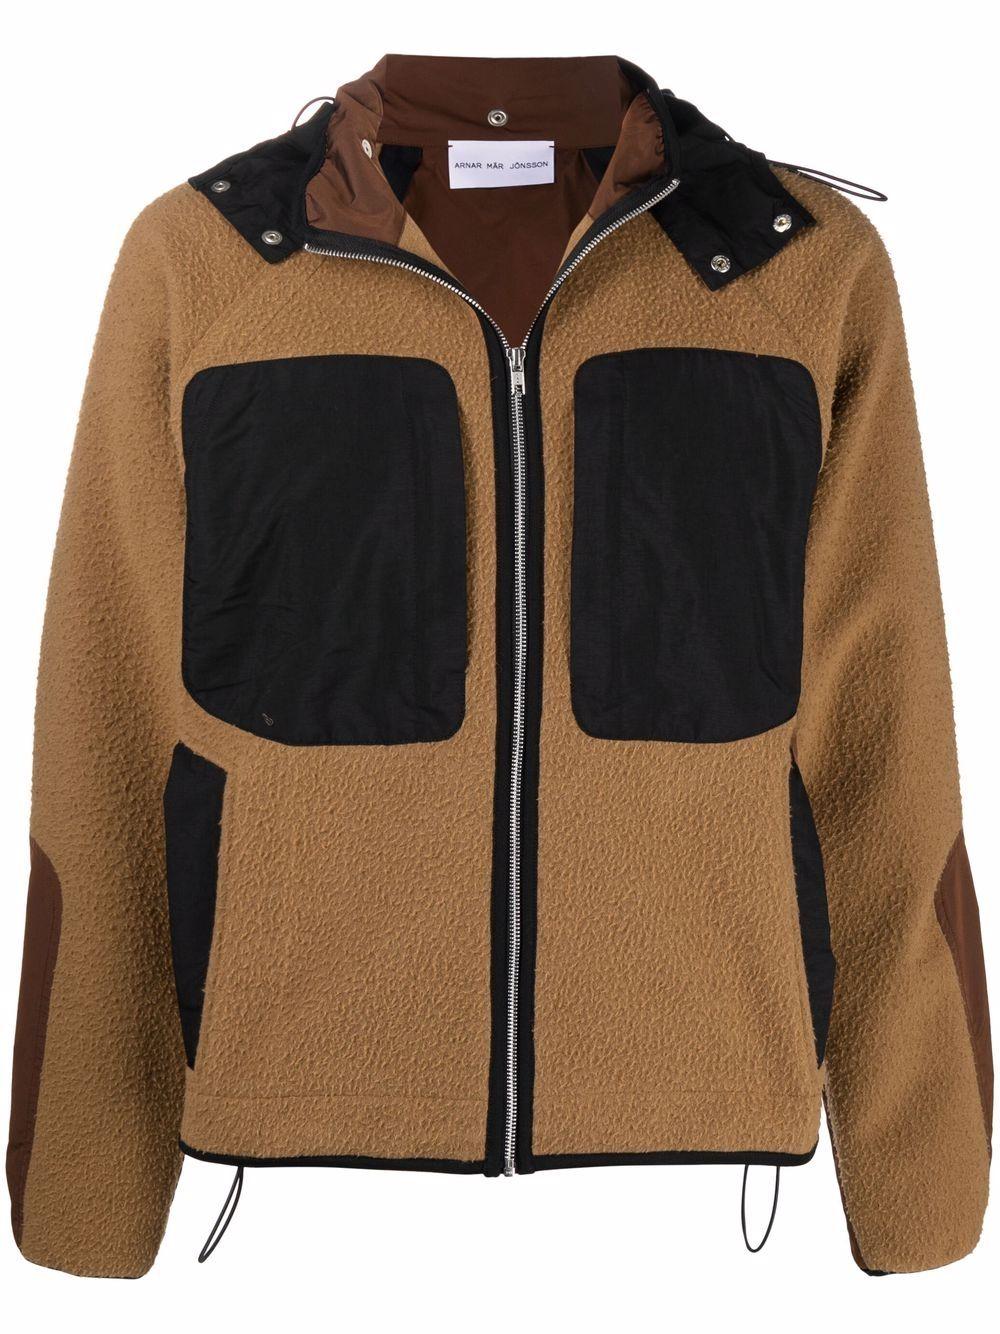 <p class='small-title'>ARNAR MAR JONSSON</p>Hooded Windbreaker Jacket